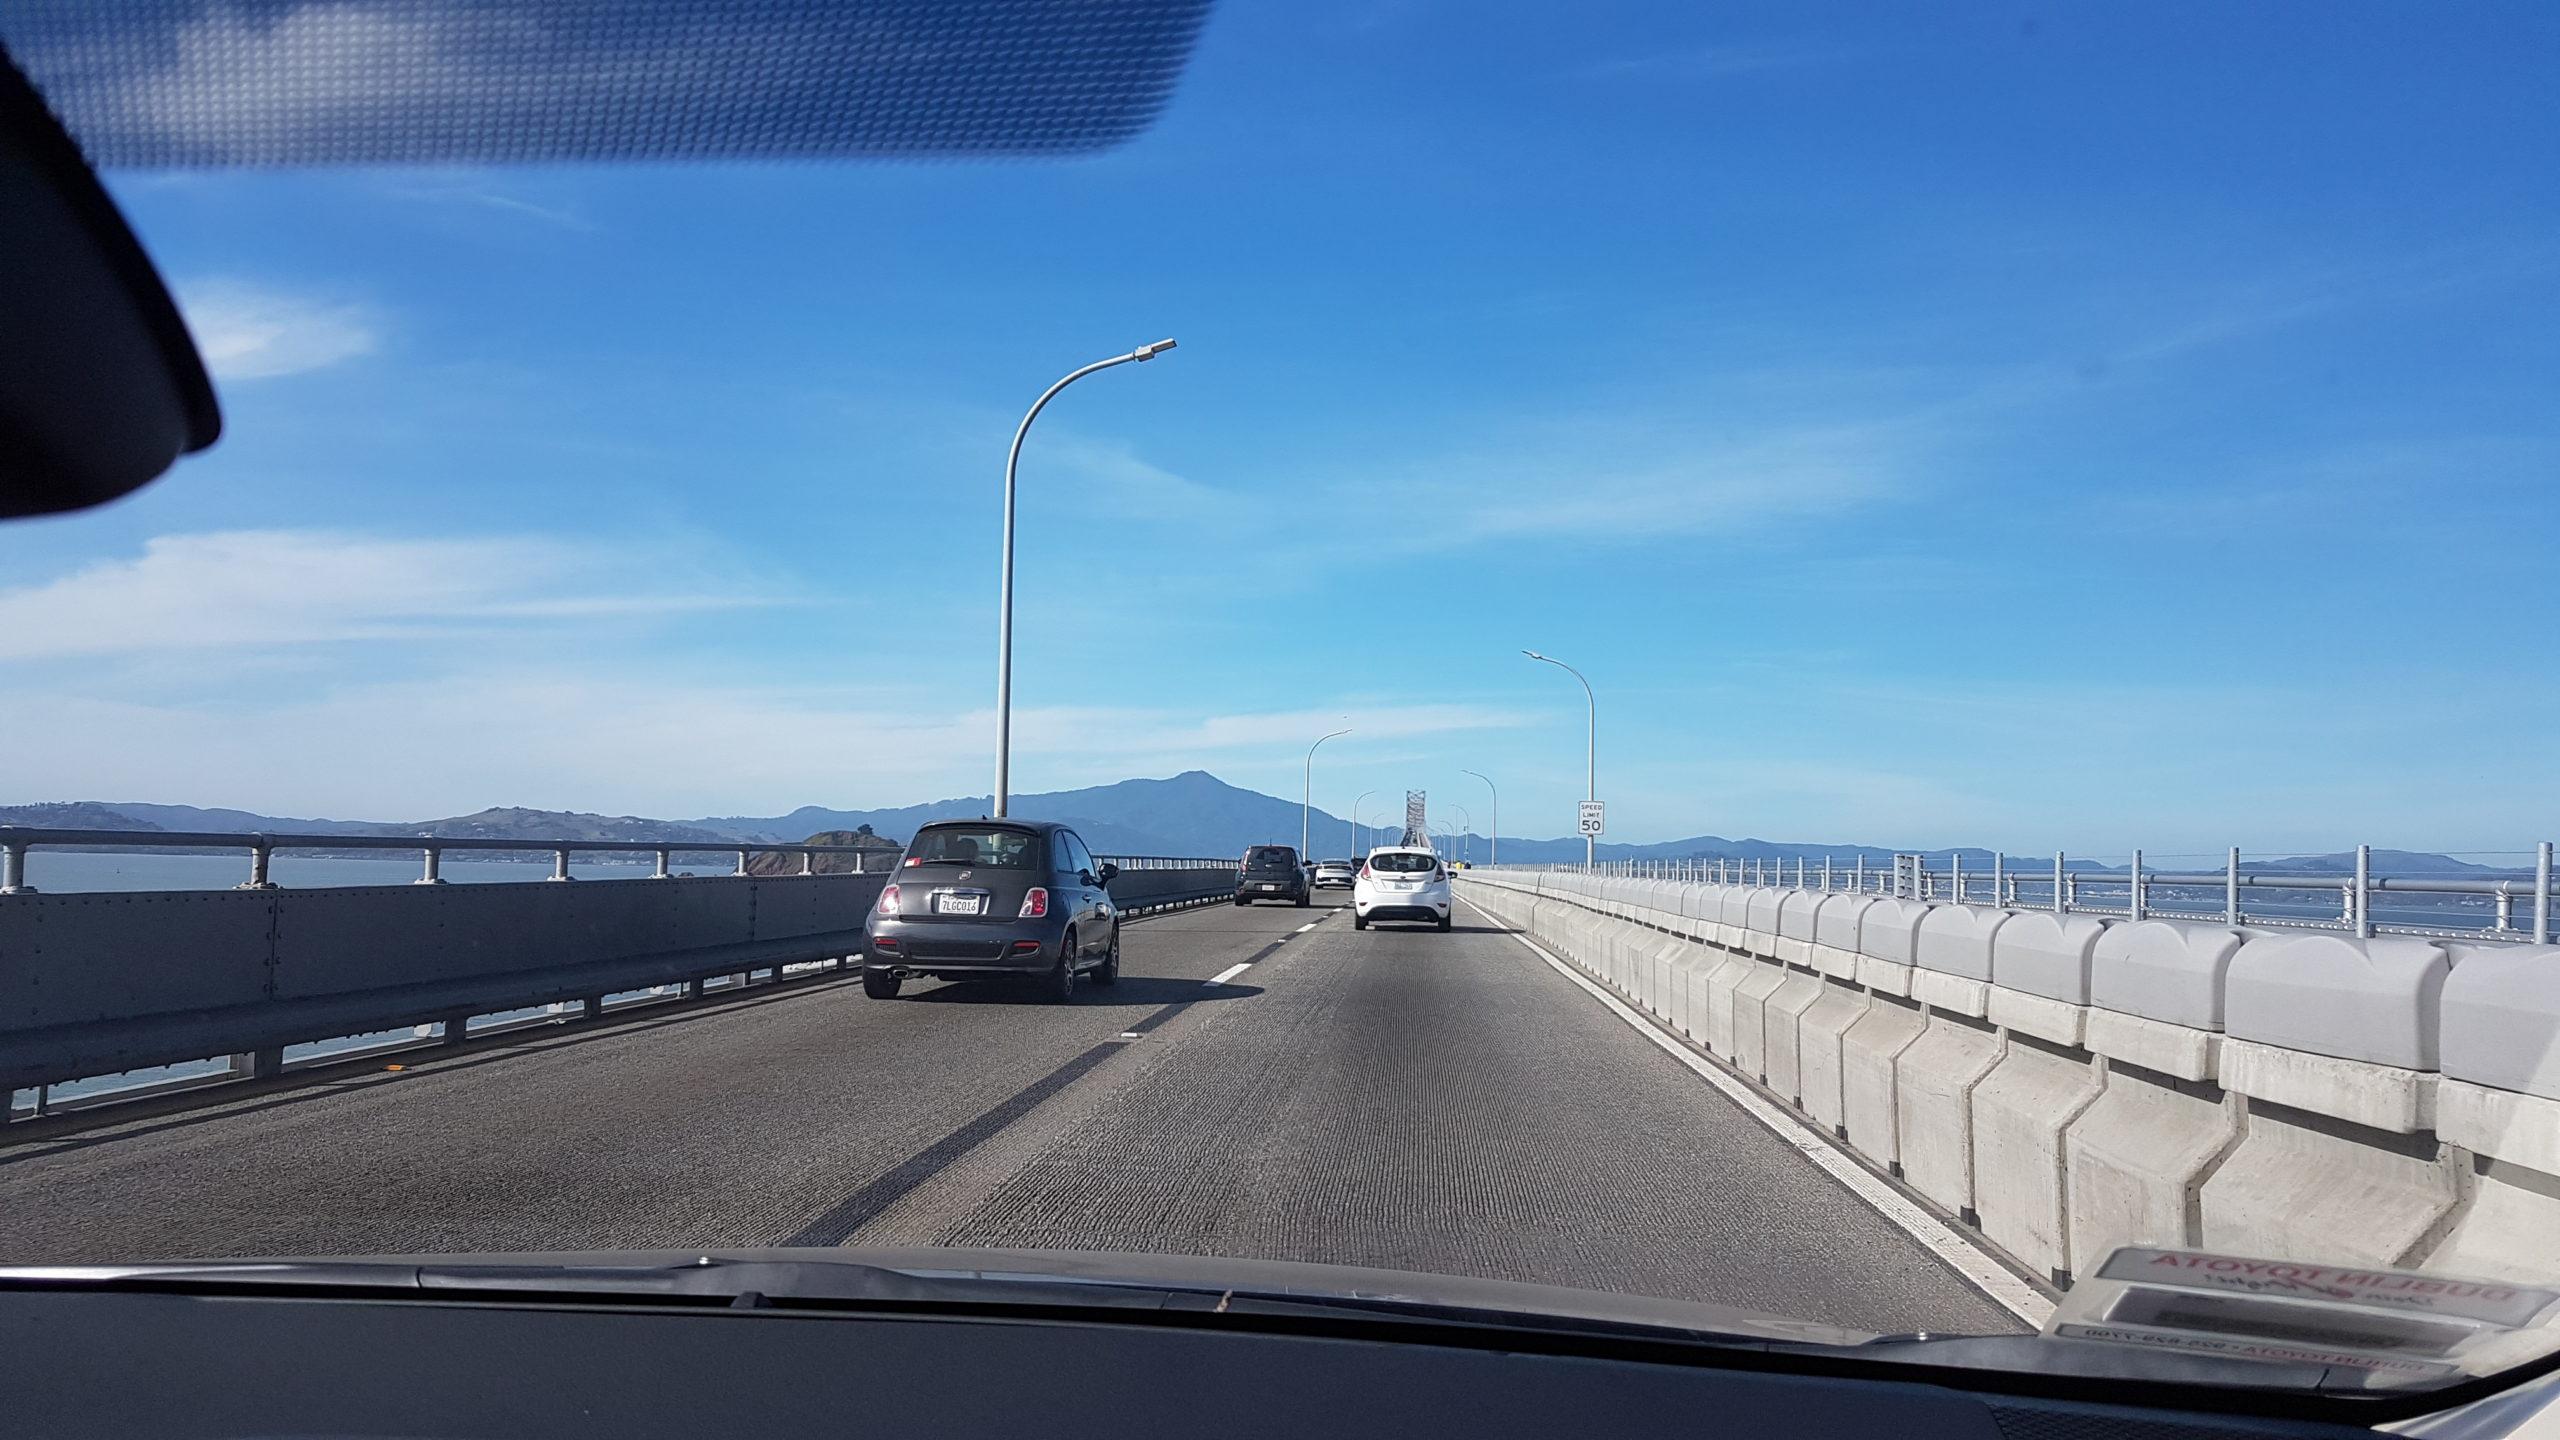 Le pont...seulement deux voies 😲😂. Il y en a 3 dans l'autre sens....